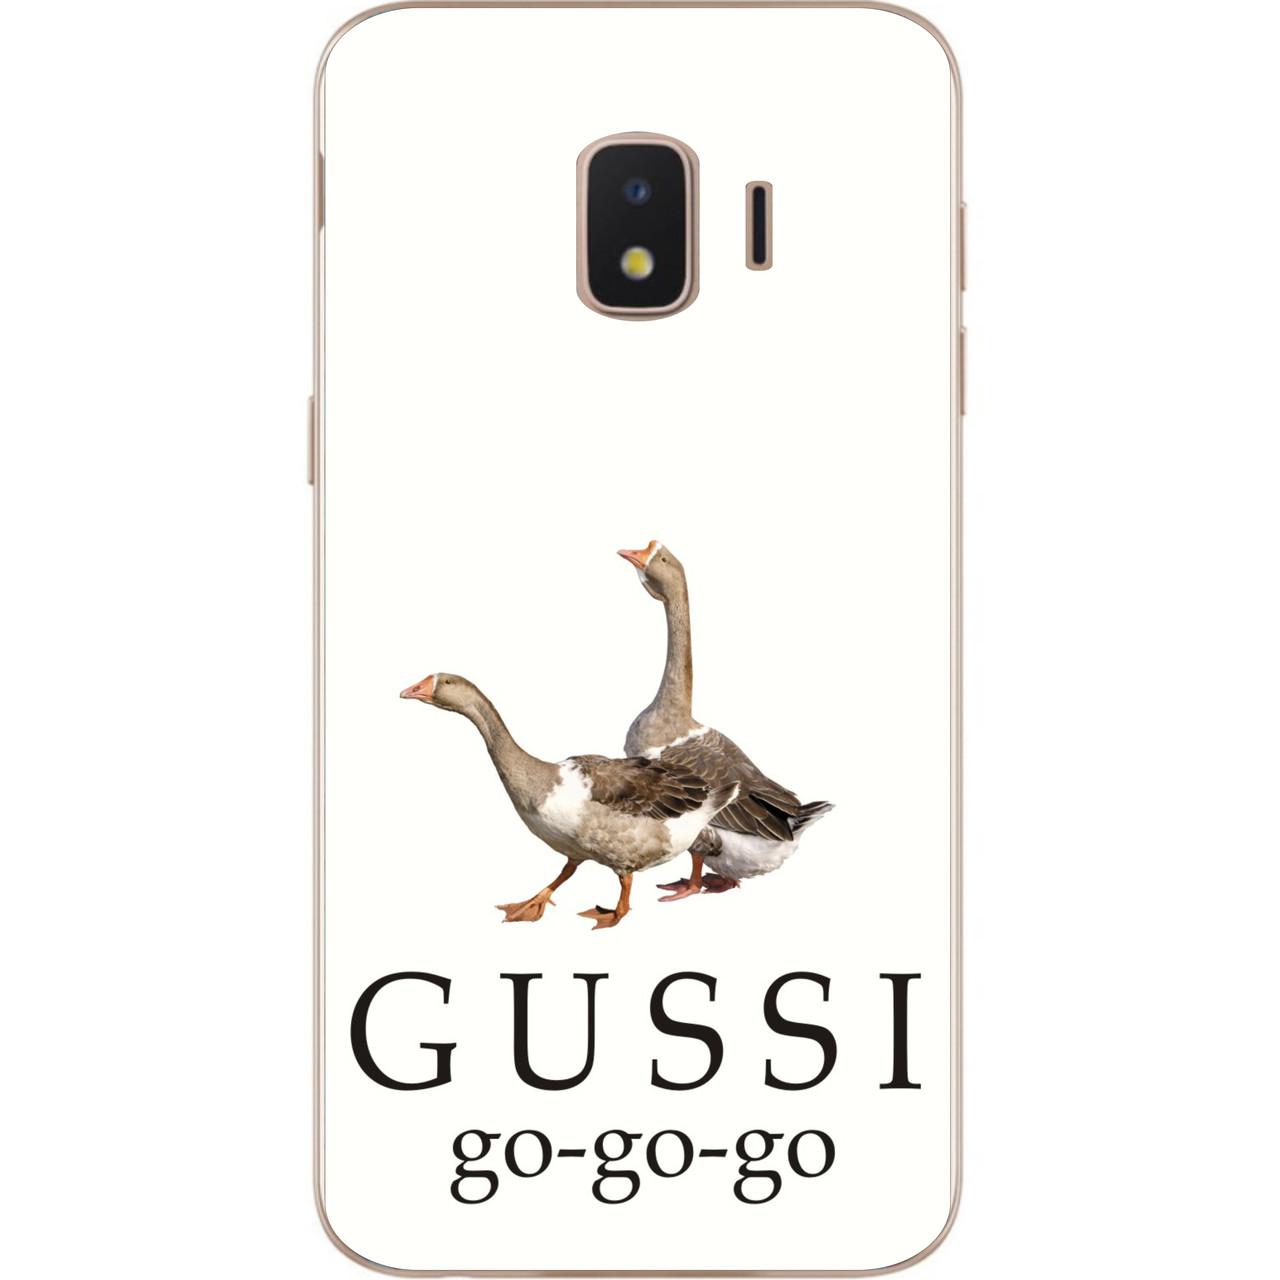 Антибрендовый силіконовий чохол для Samsung J2 Core Galaxy 2018 J260 з картинкою Gussi go go